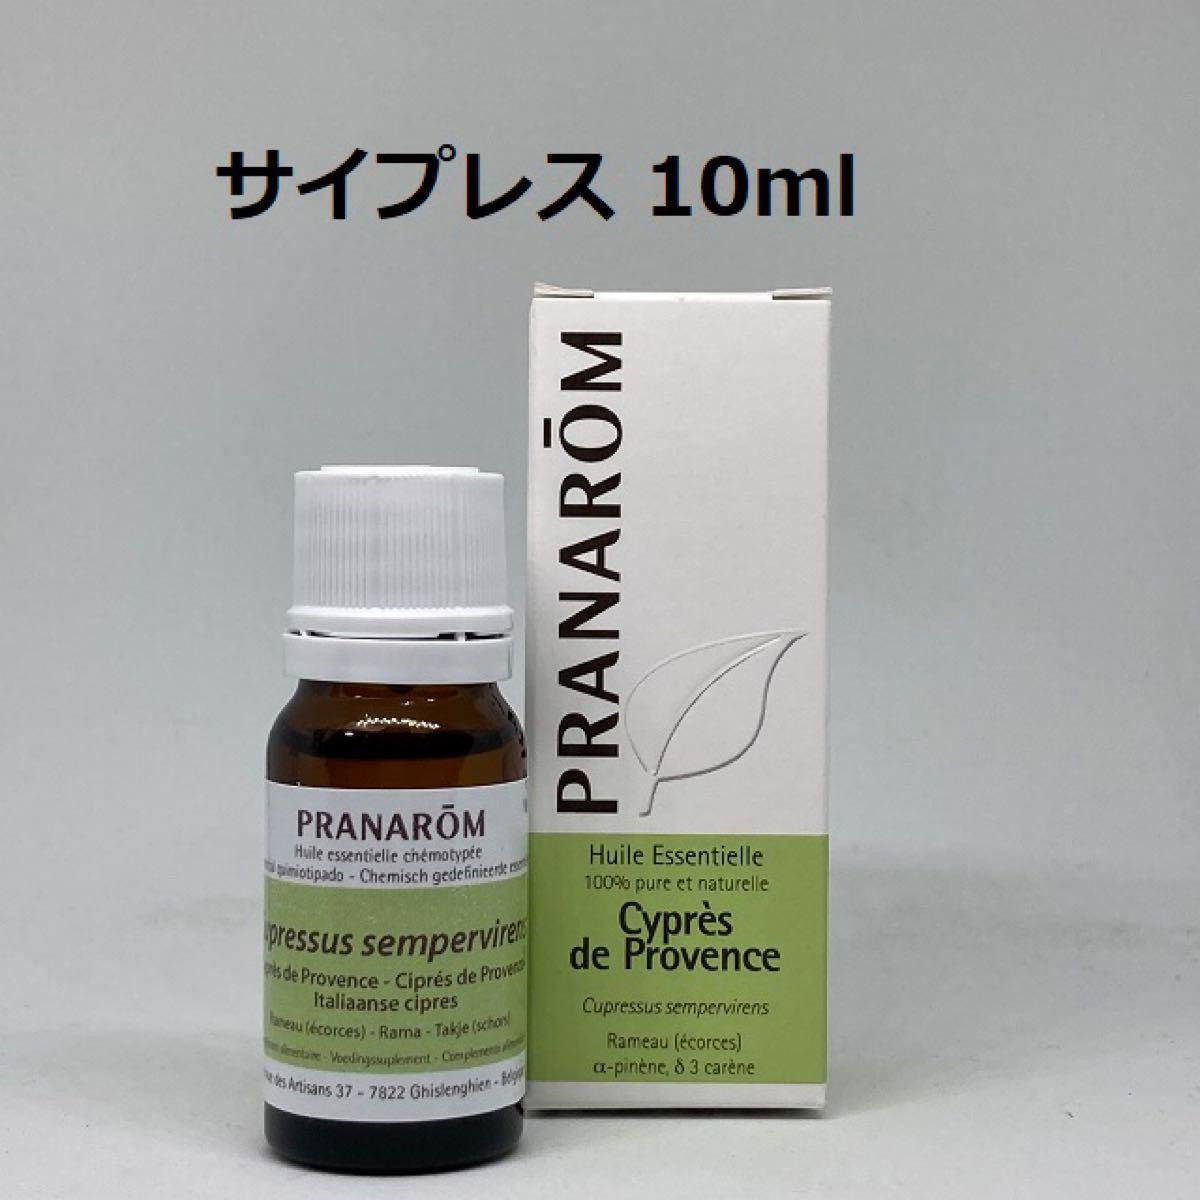 プラナロム サイプレス 10ml 精油 PRANAROM